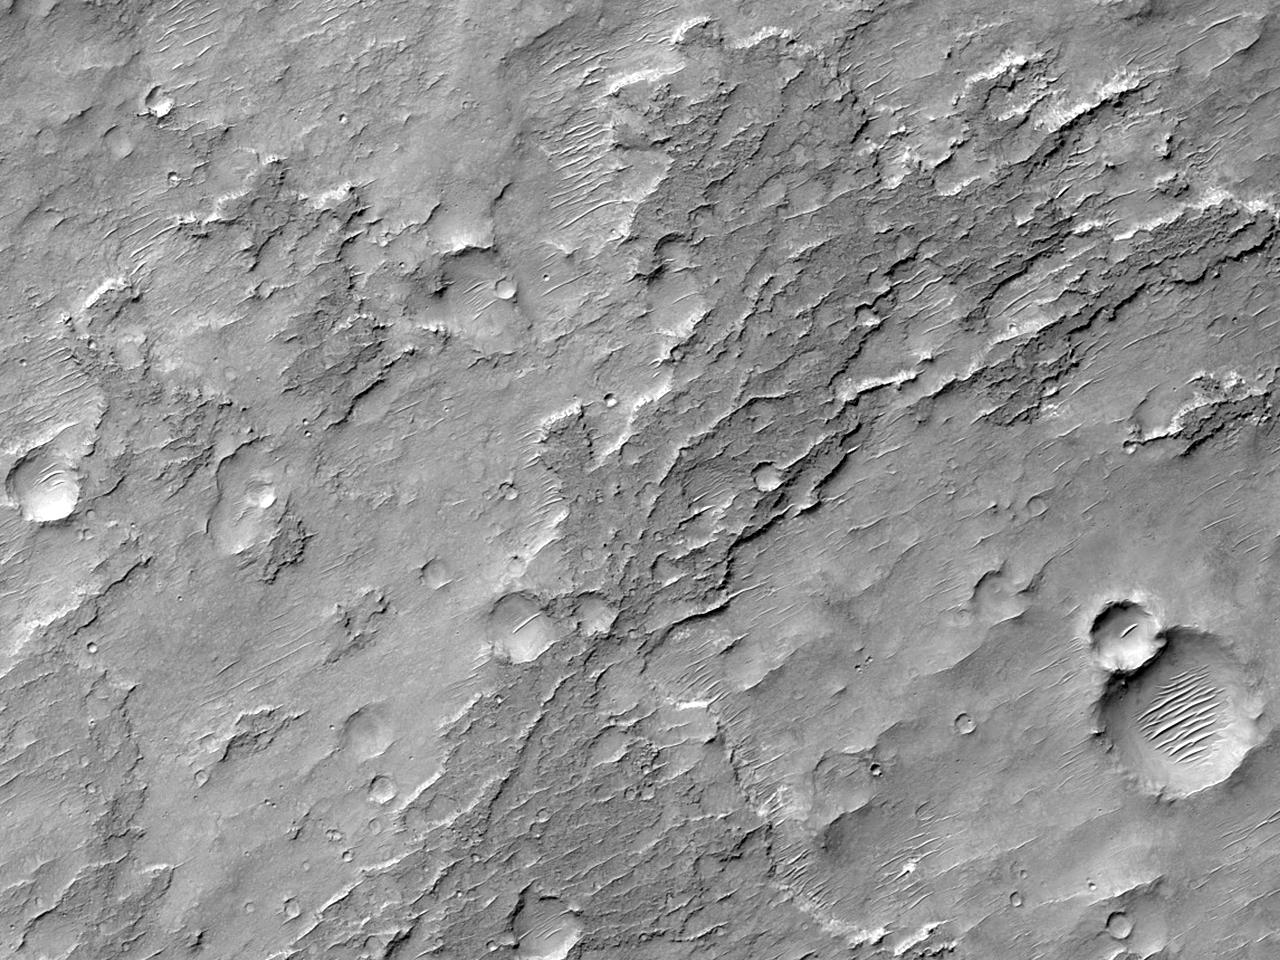 Конусы выноса в кратере к западу от долины Maadim Vallis